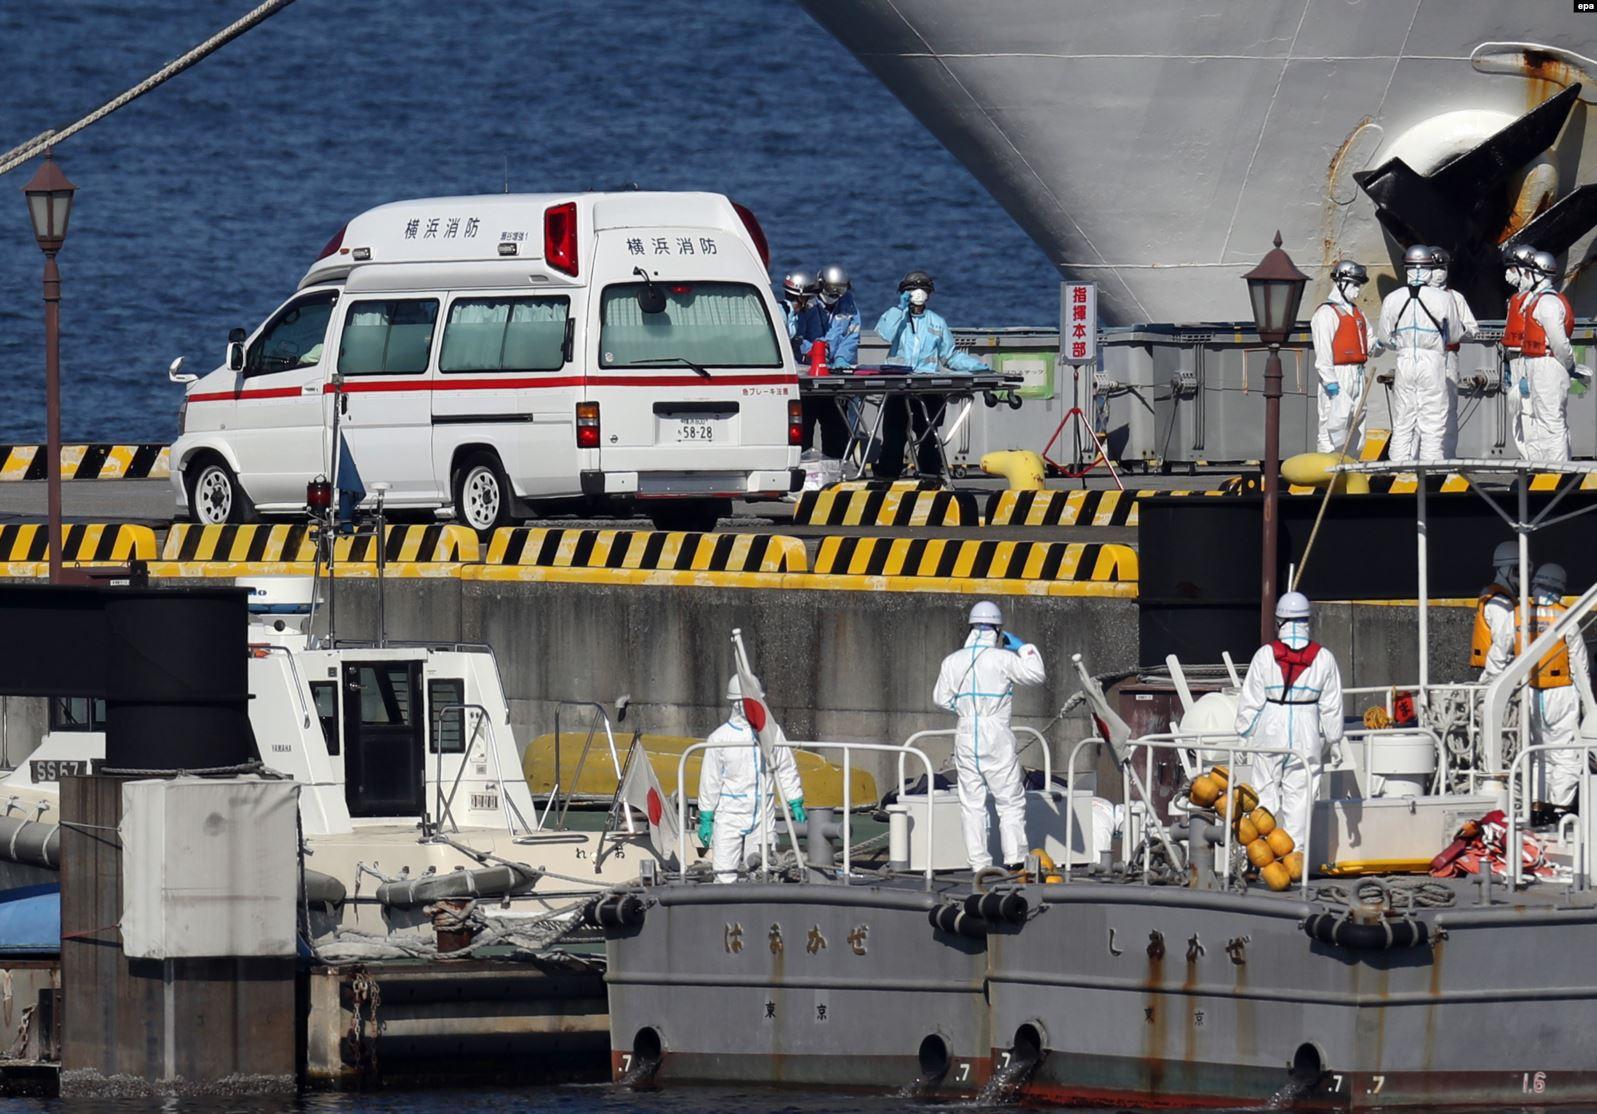 6DDDFEE9-6D01-4149-A77E-EF2ACEF803A1_w1597_n_r0_st У 25 українців на заблокованому лайнері біля Японії коронавірусу не виявлено